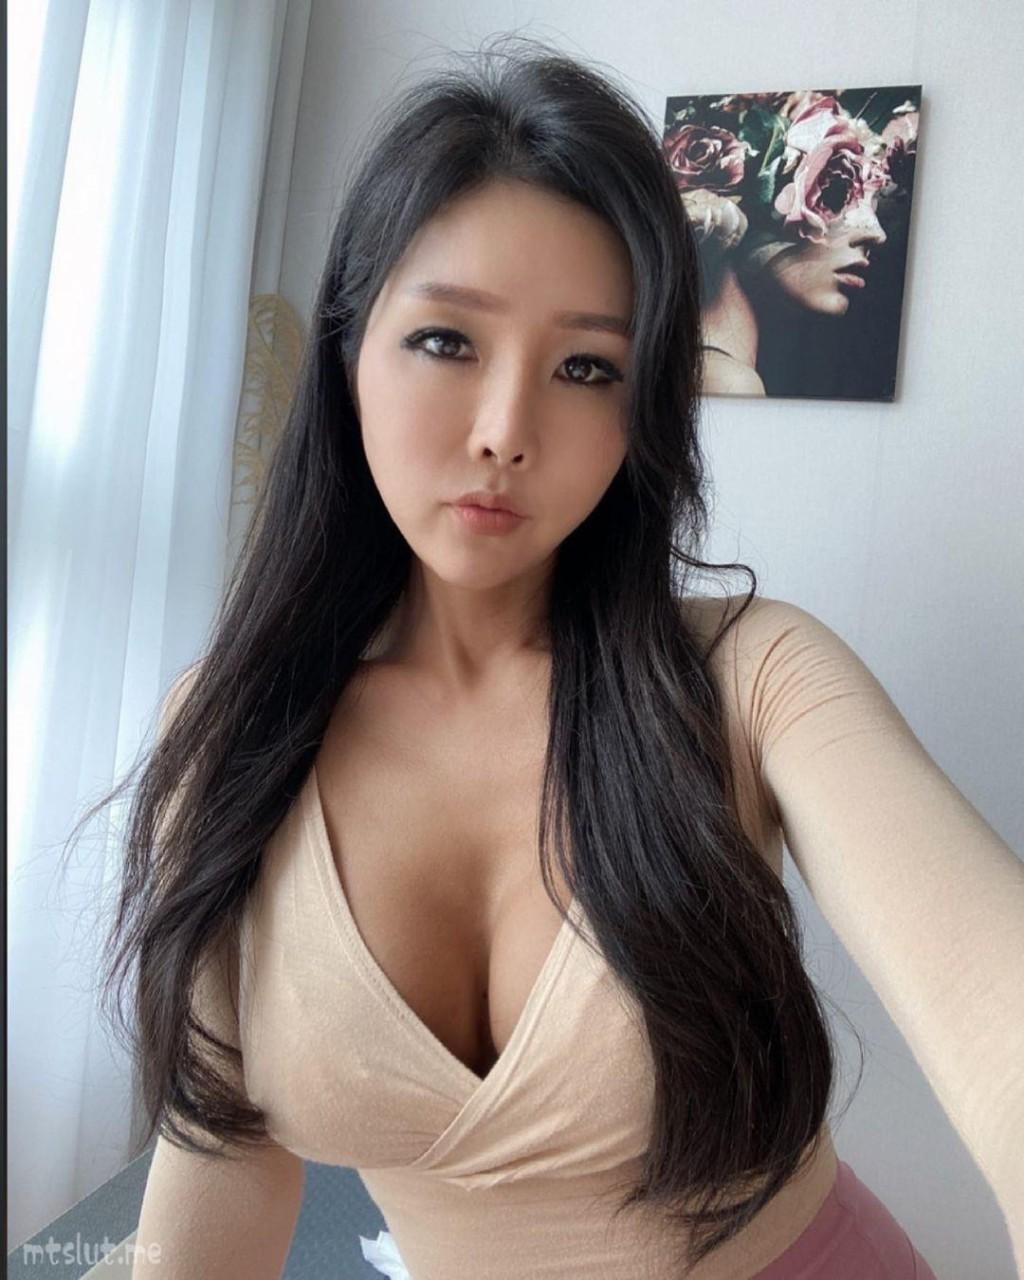 妹子图日刊 — 20210420